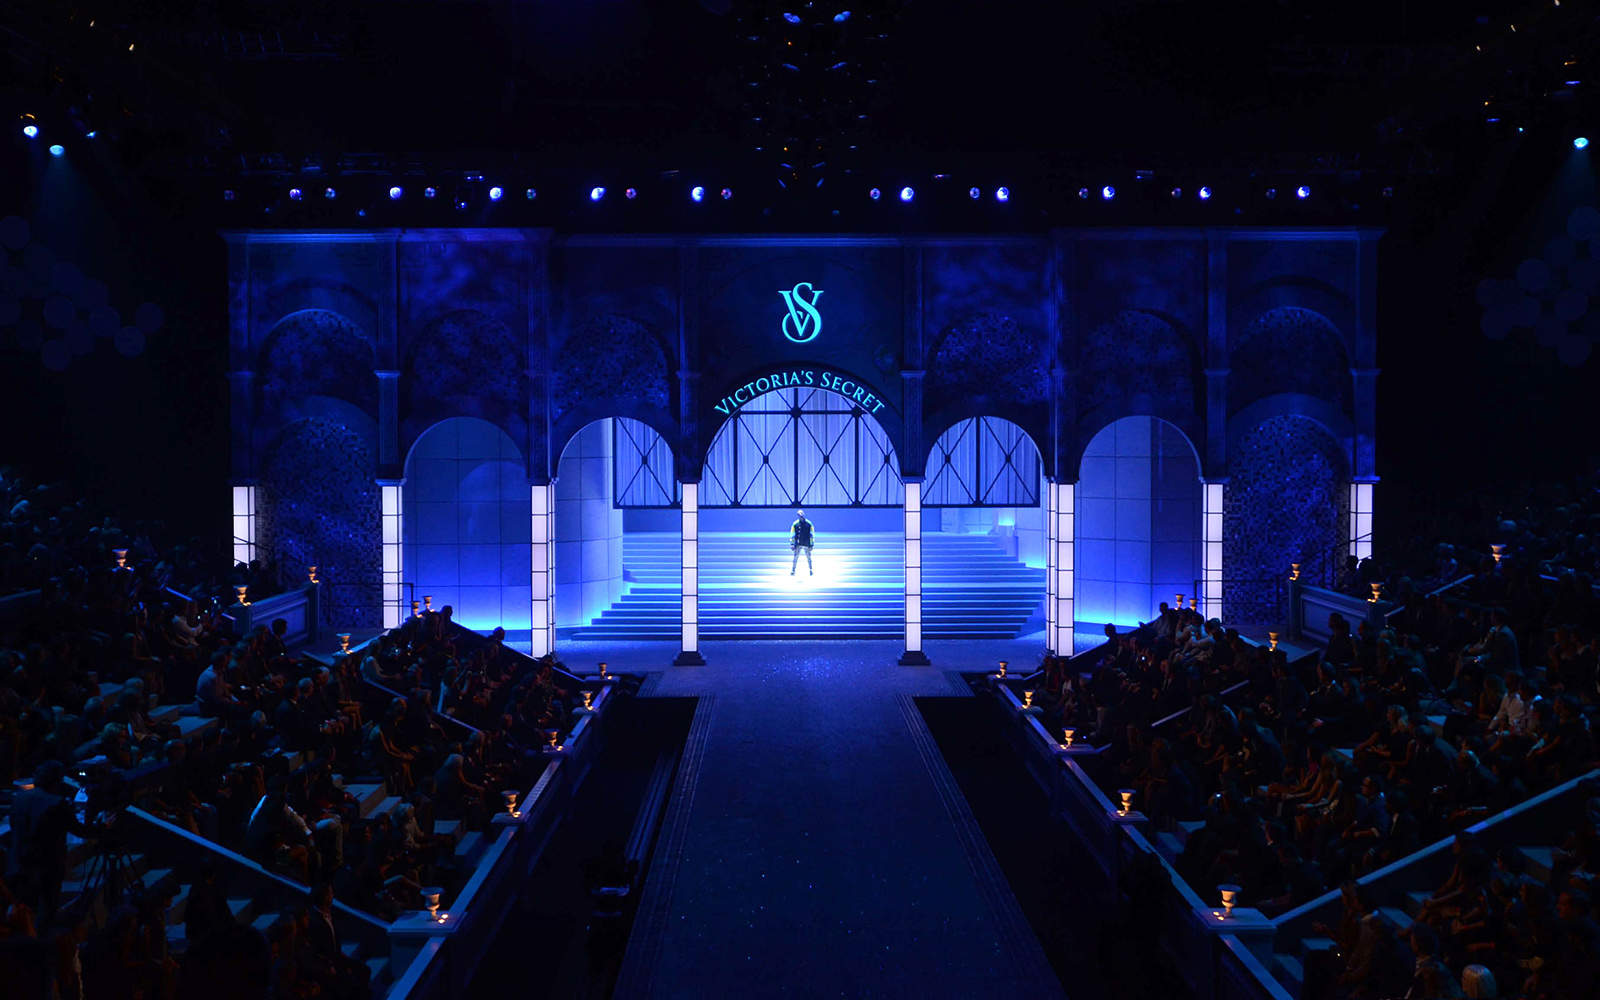 Victoria's Secret Fashion Show 2011 Scenographie